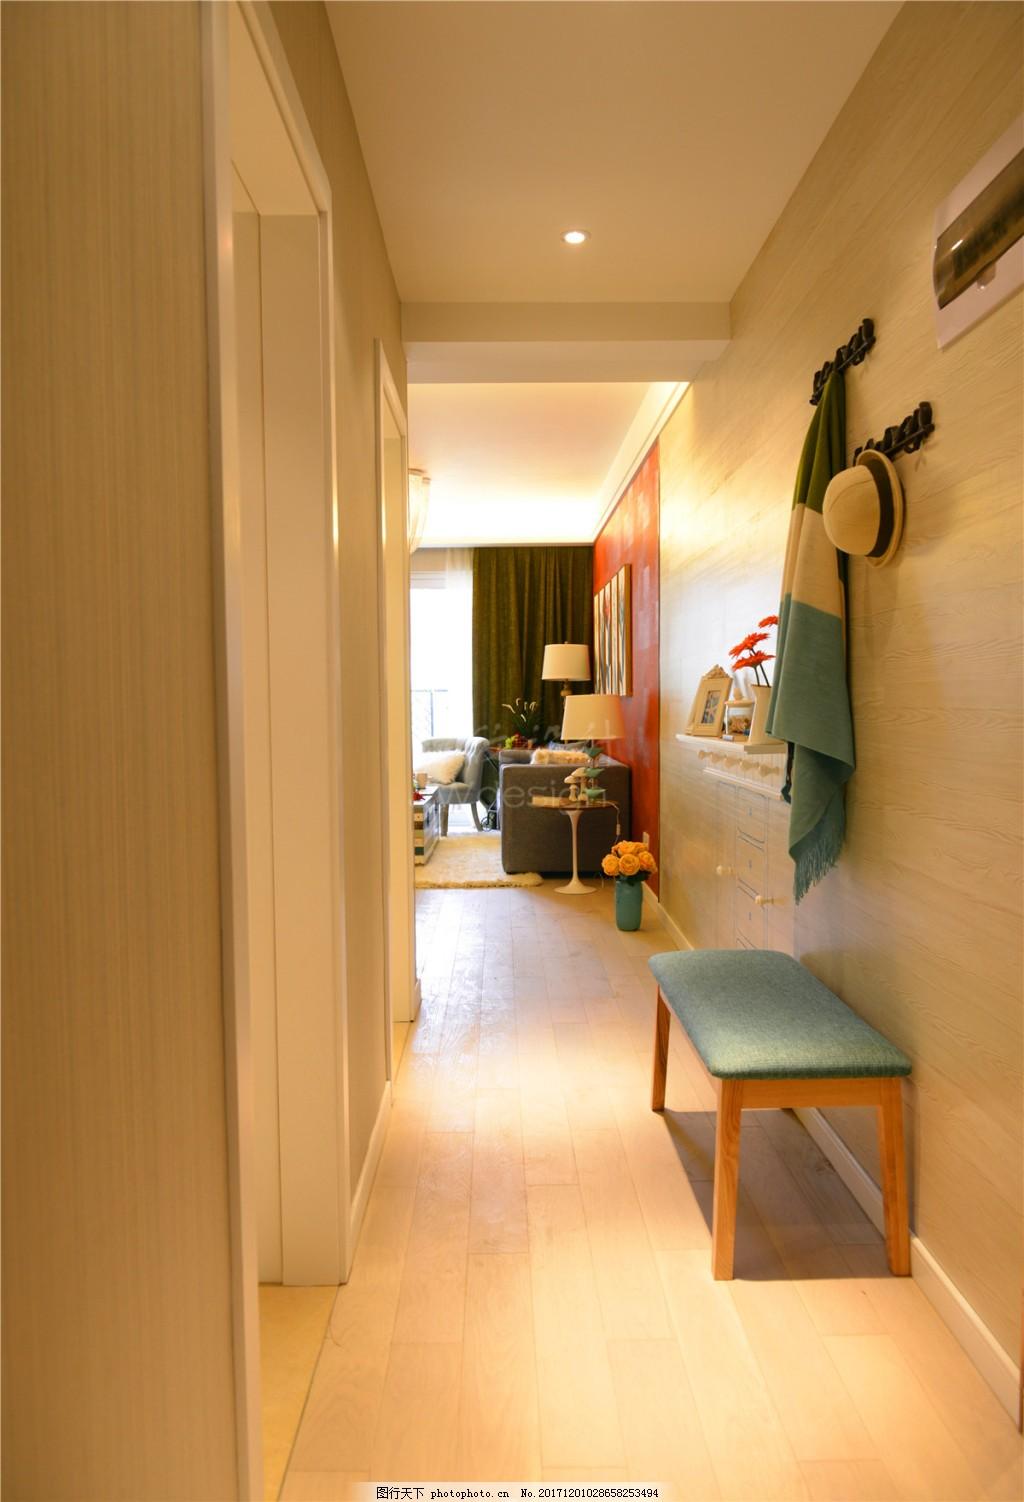 简约时尚客厅入户走廊装修效果图 过道 灰色墙壁方形吊顶 白色射灯